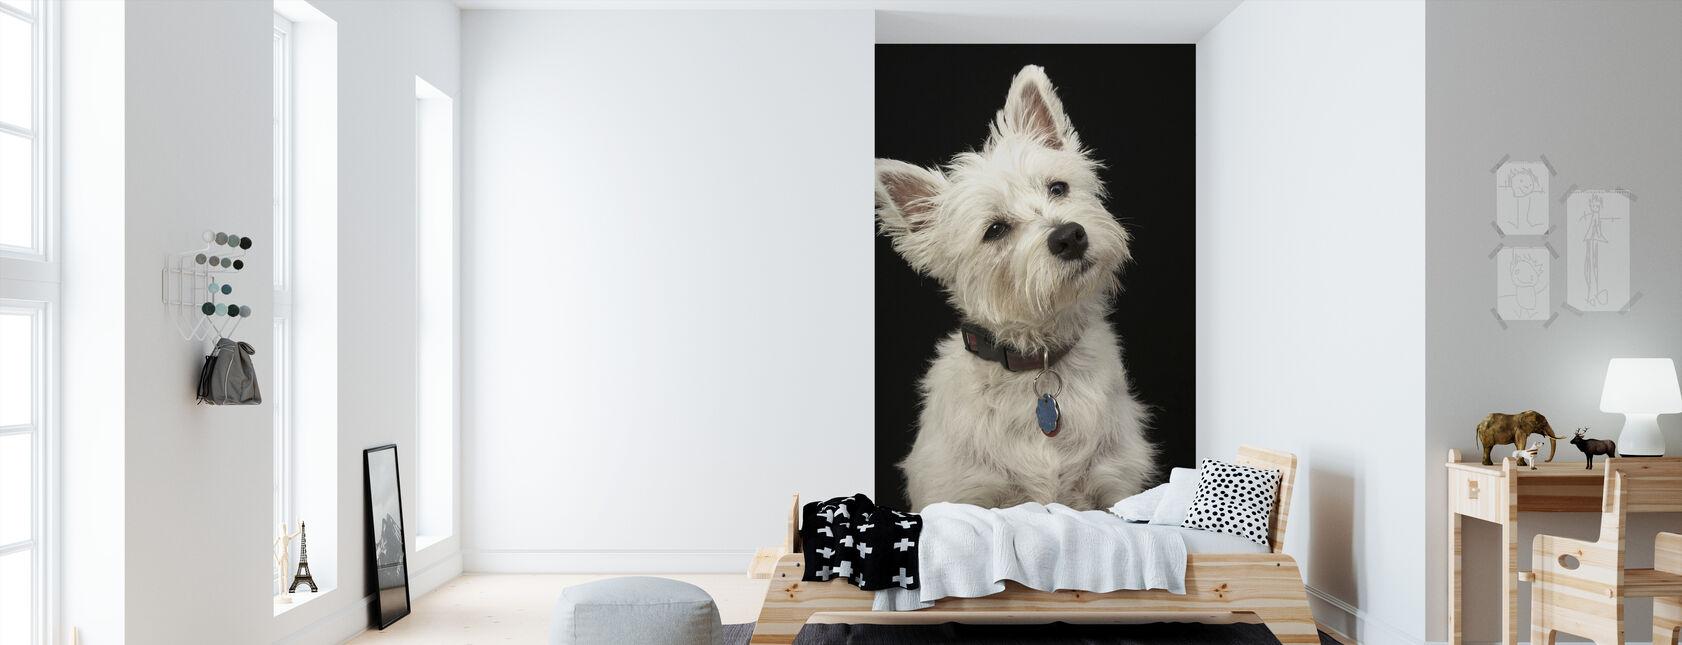 West Highland Terrier - Tapet - Børneværelse